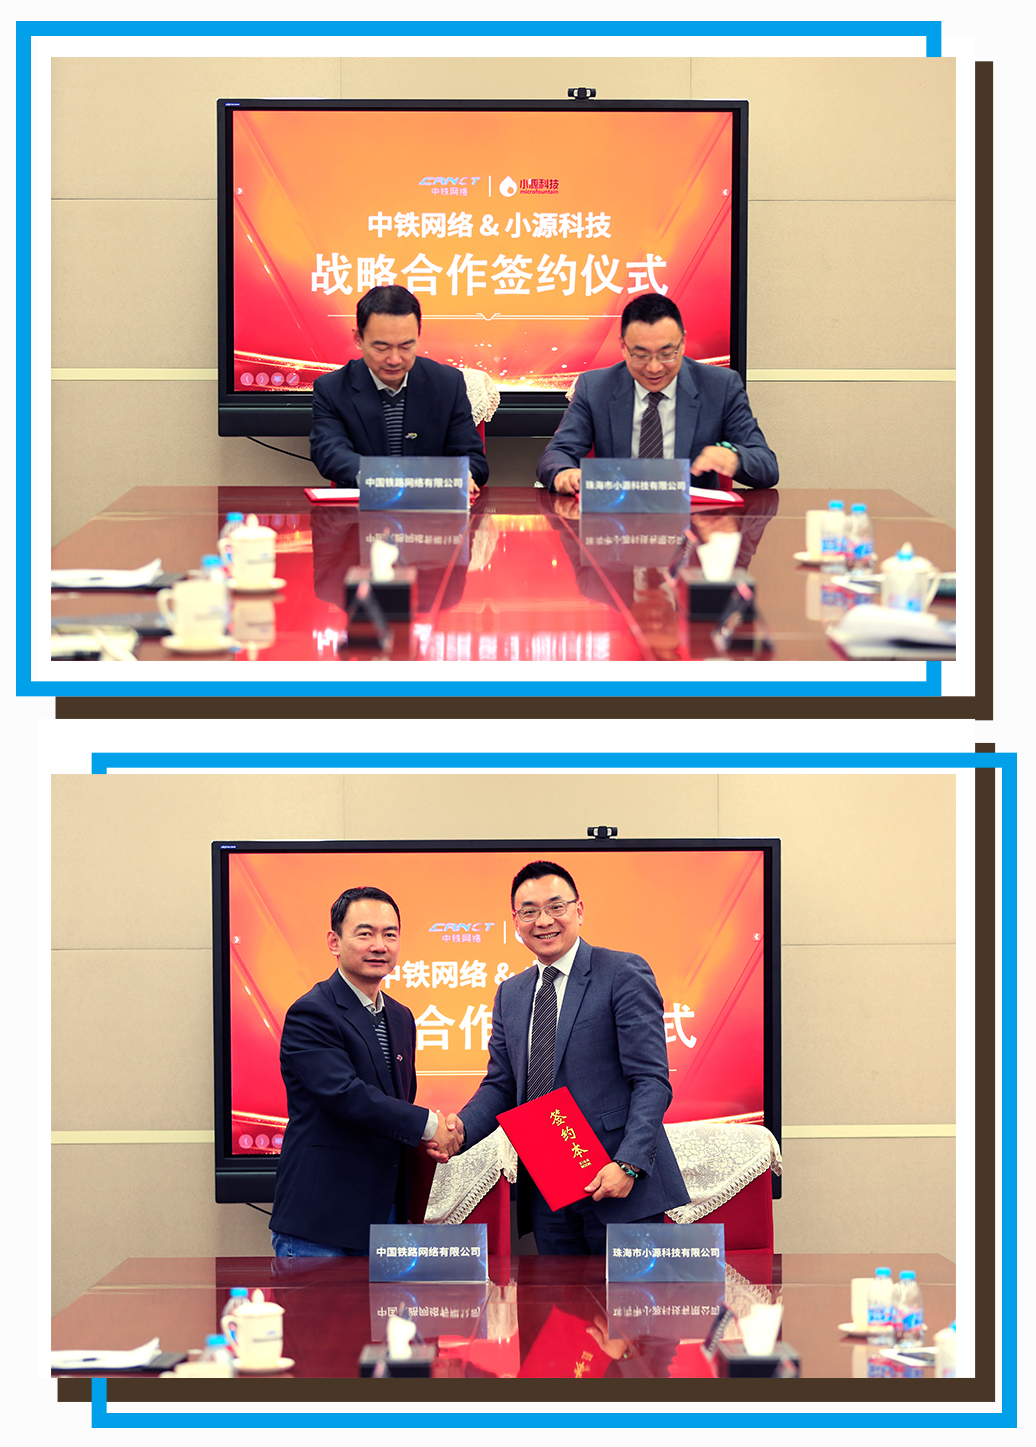 中铁网络与小源科技达成战略合作,共同打造12306短信公众号成最大的出行场景服务平台!